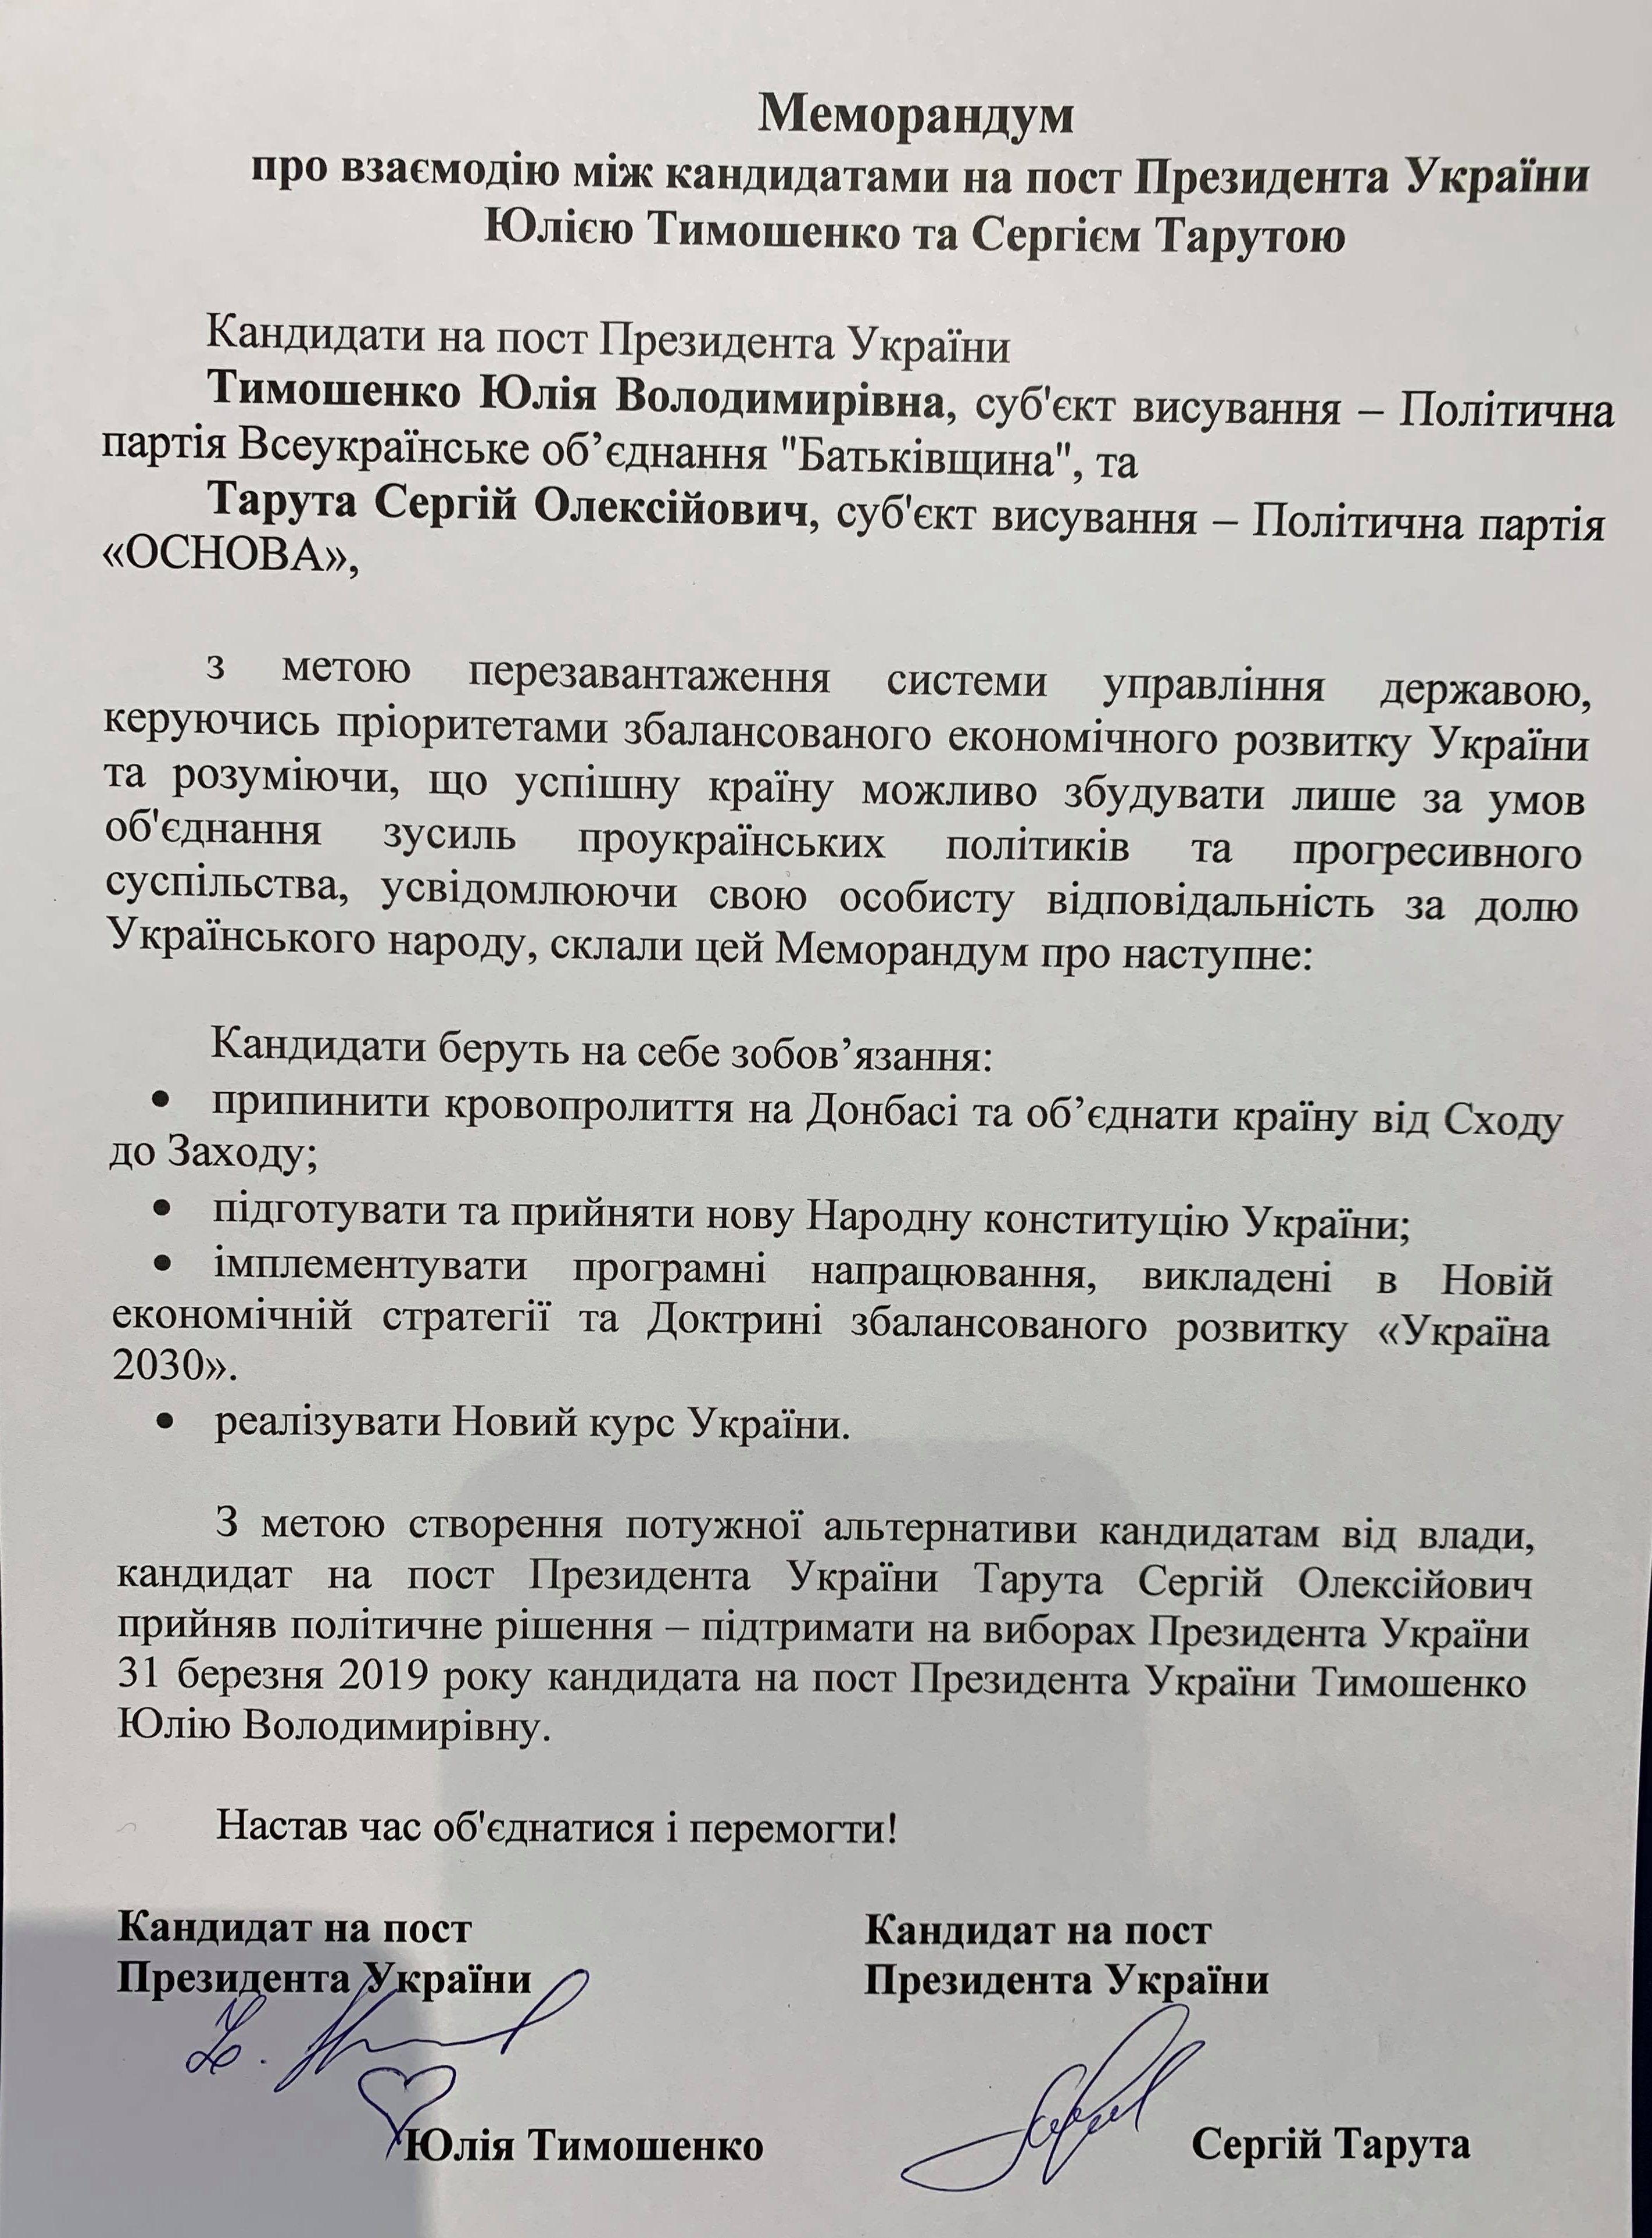 Меморандум Тимошенко і Тарути